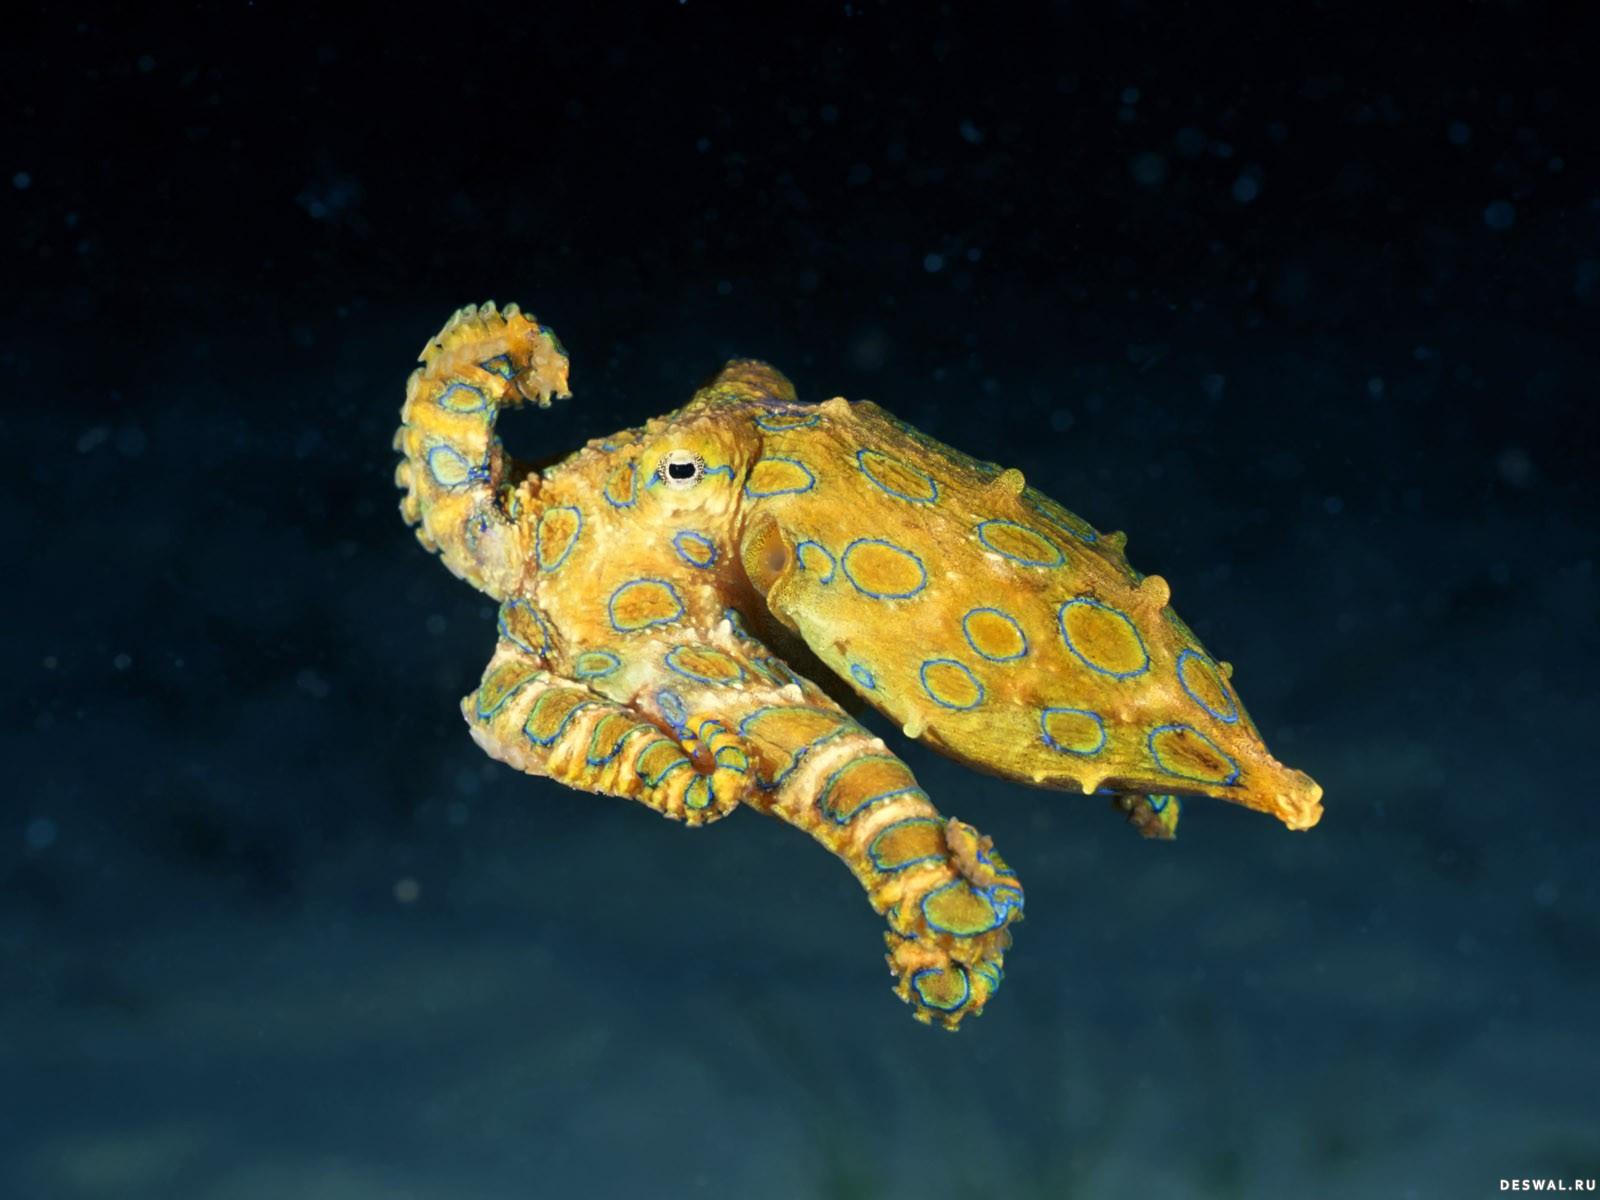 Фото 93. Нажмите на картинку с обоями подводного мира, чтобы просмотреть ее в реальном размере